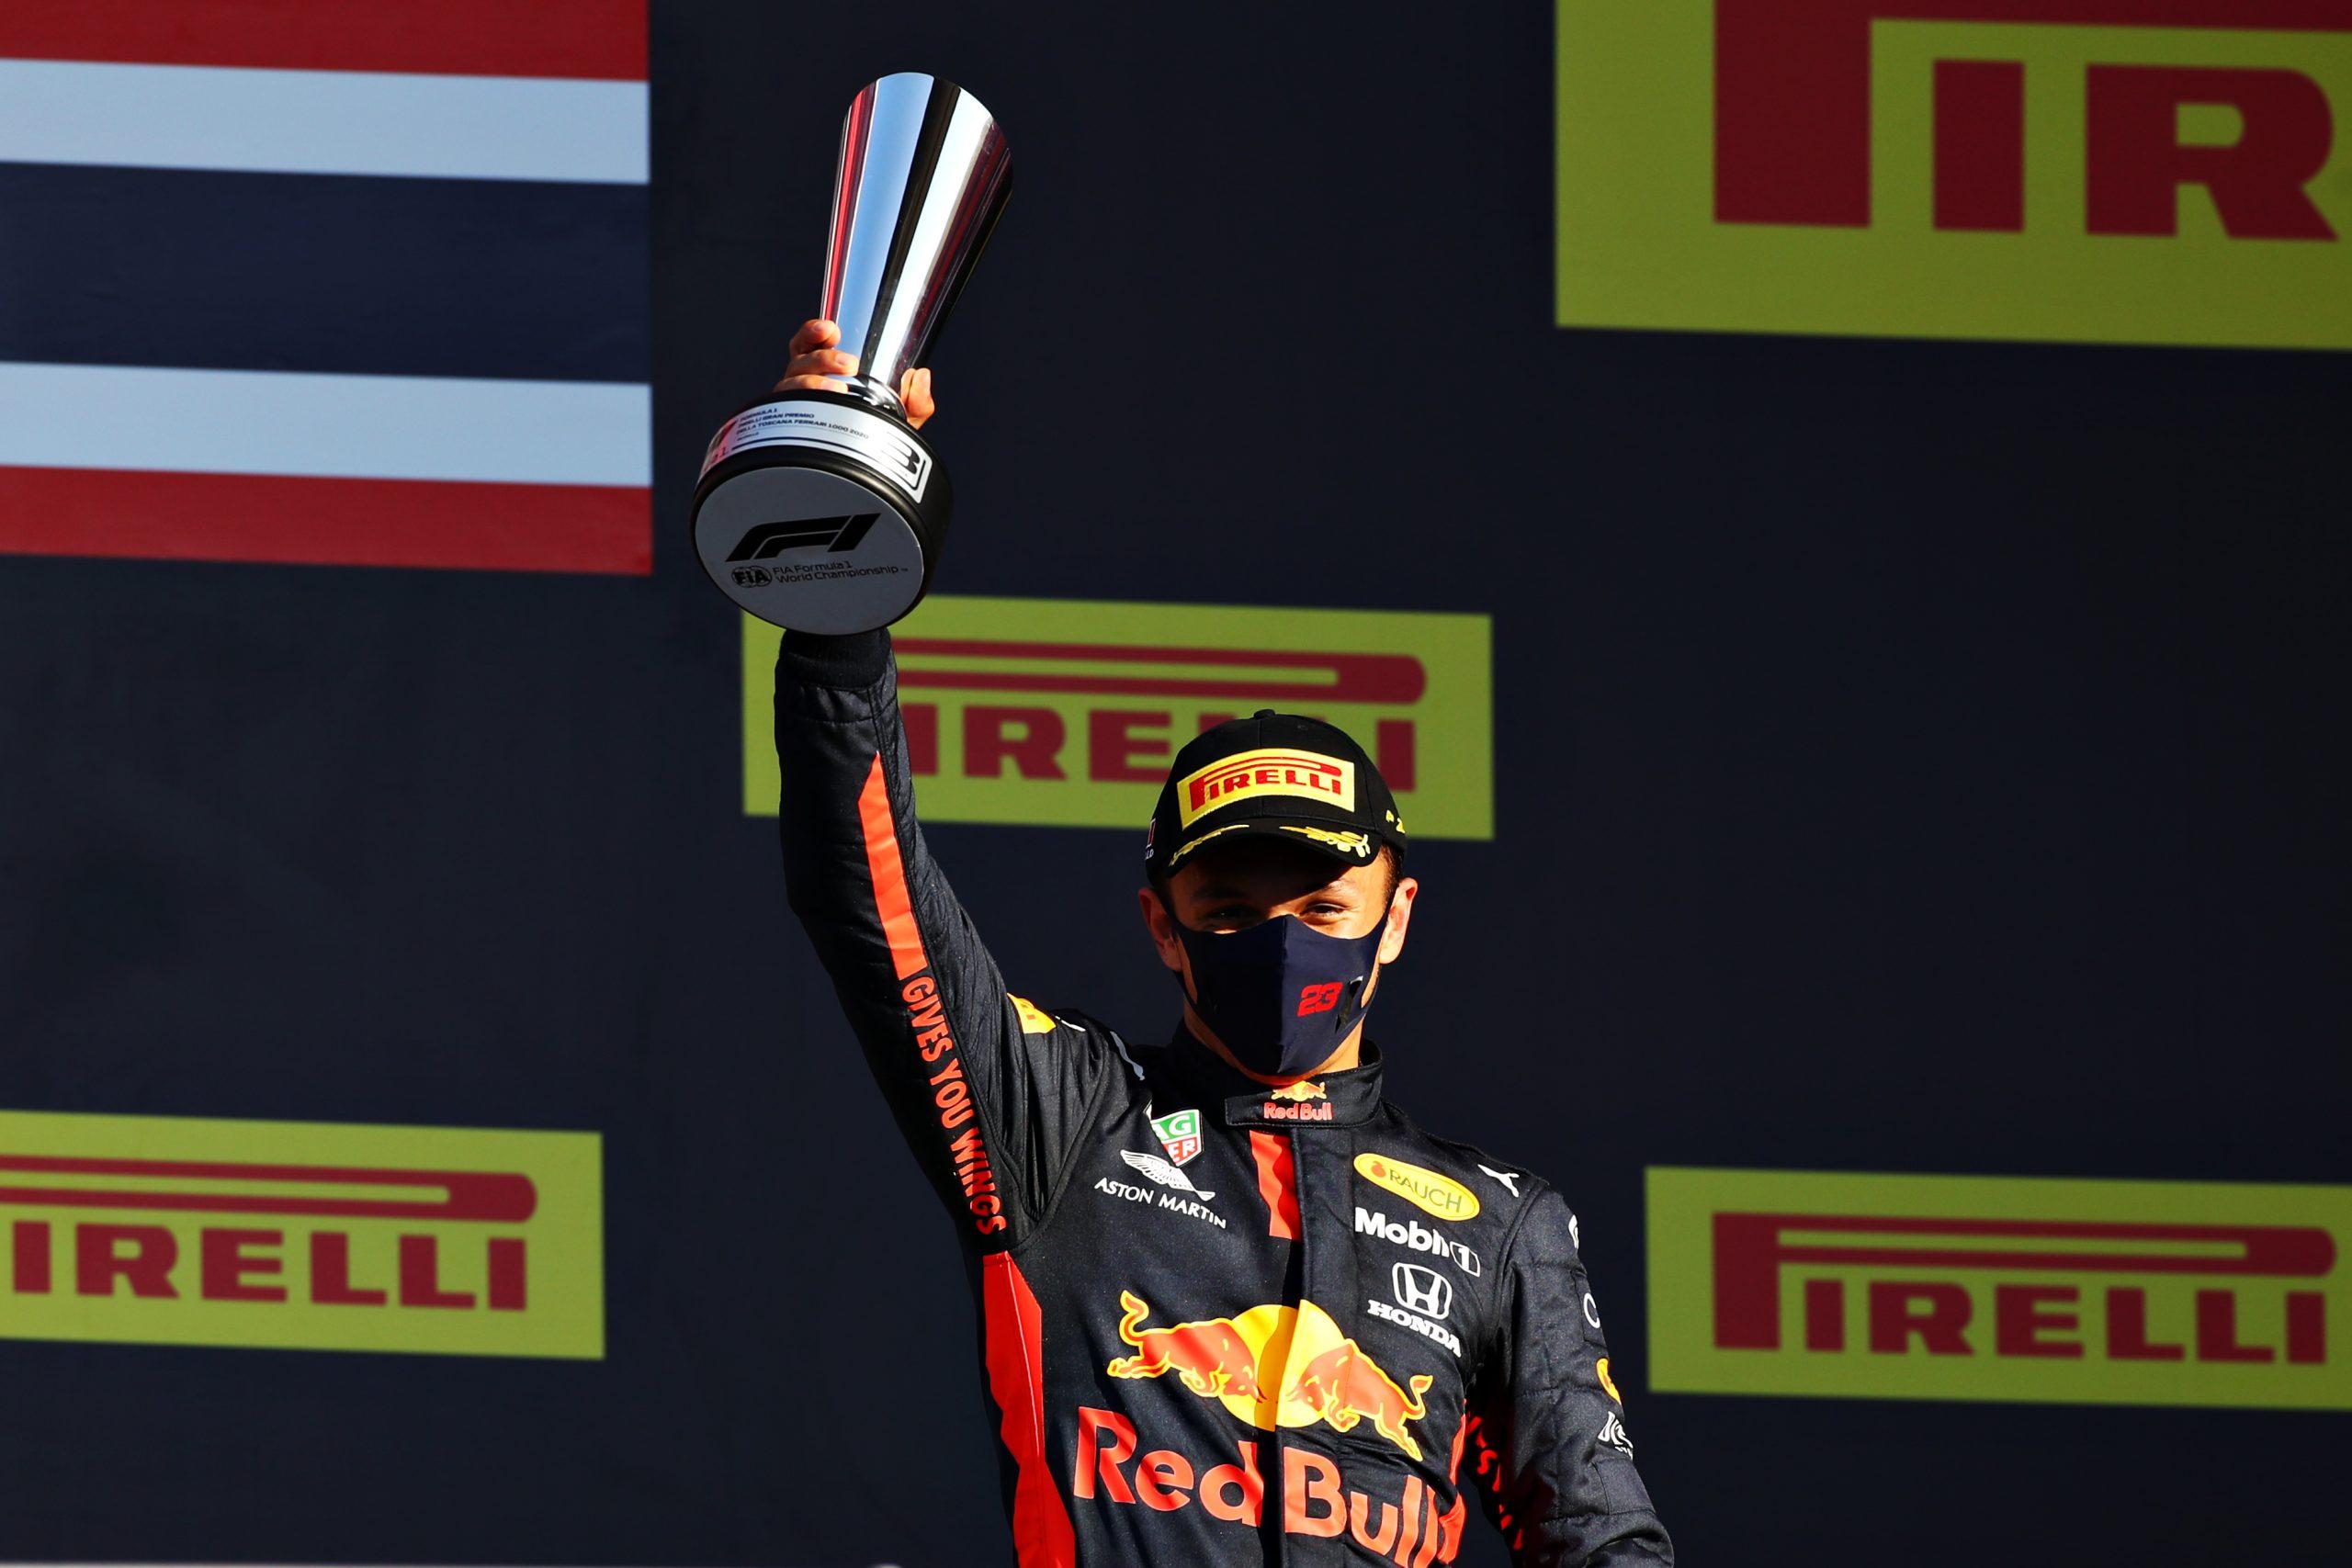 Race Resultaat – Grand Prix van Toscane – Mugello 2020